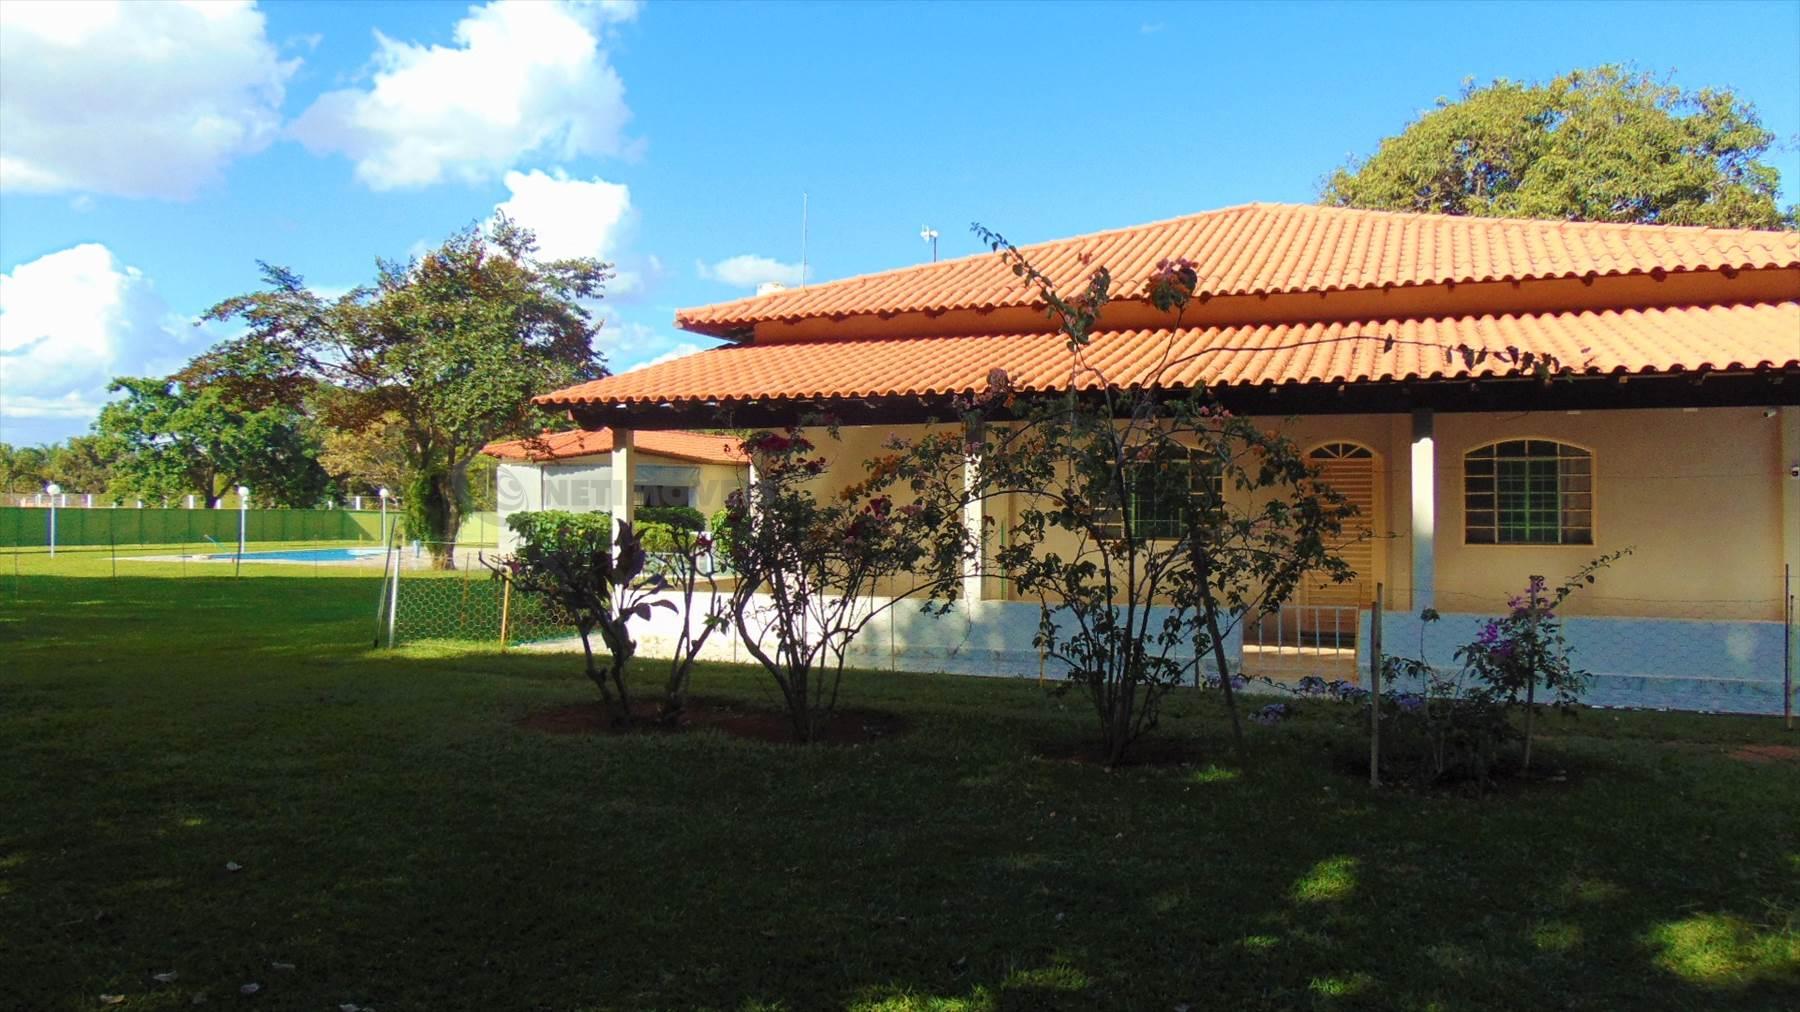 chácara,casa,distrito federal,lago sul,brasíliachácara,brasília,altiplano leste,via bouganville,